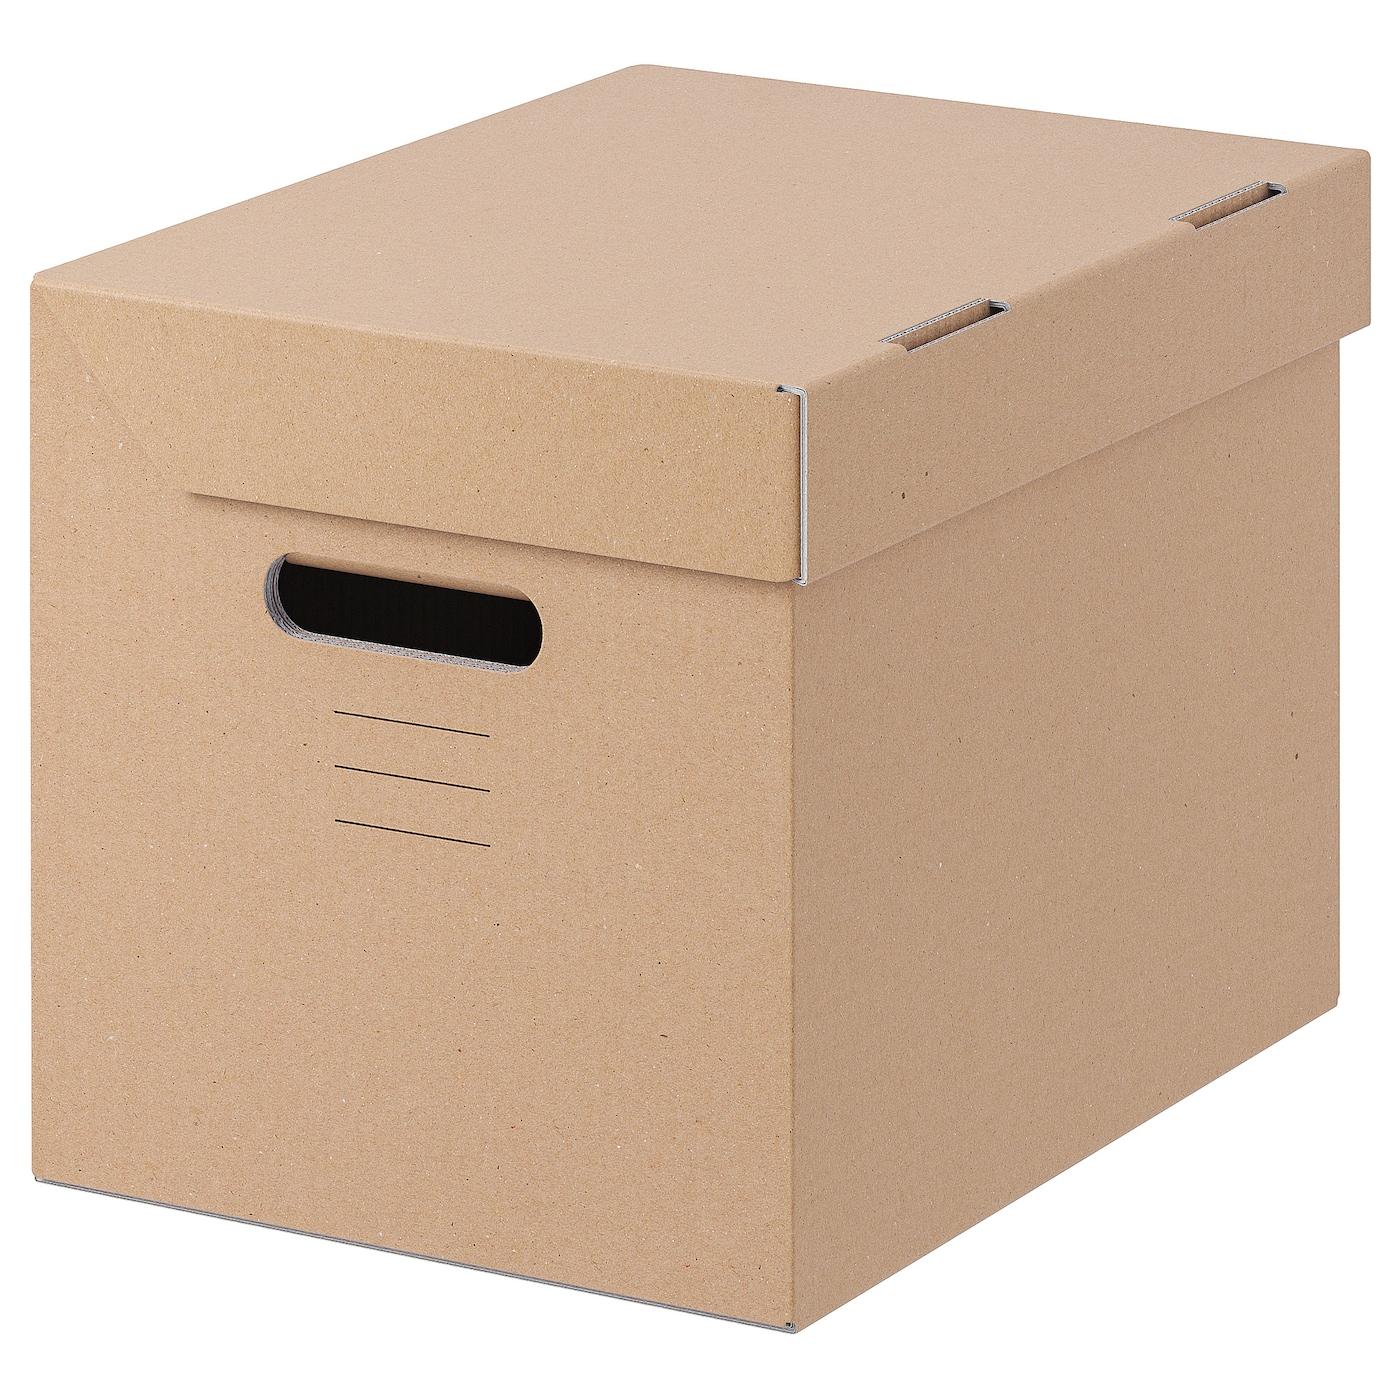 IKEA PAPPIS – Aufbewahrungsbox mit Deckel